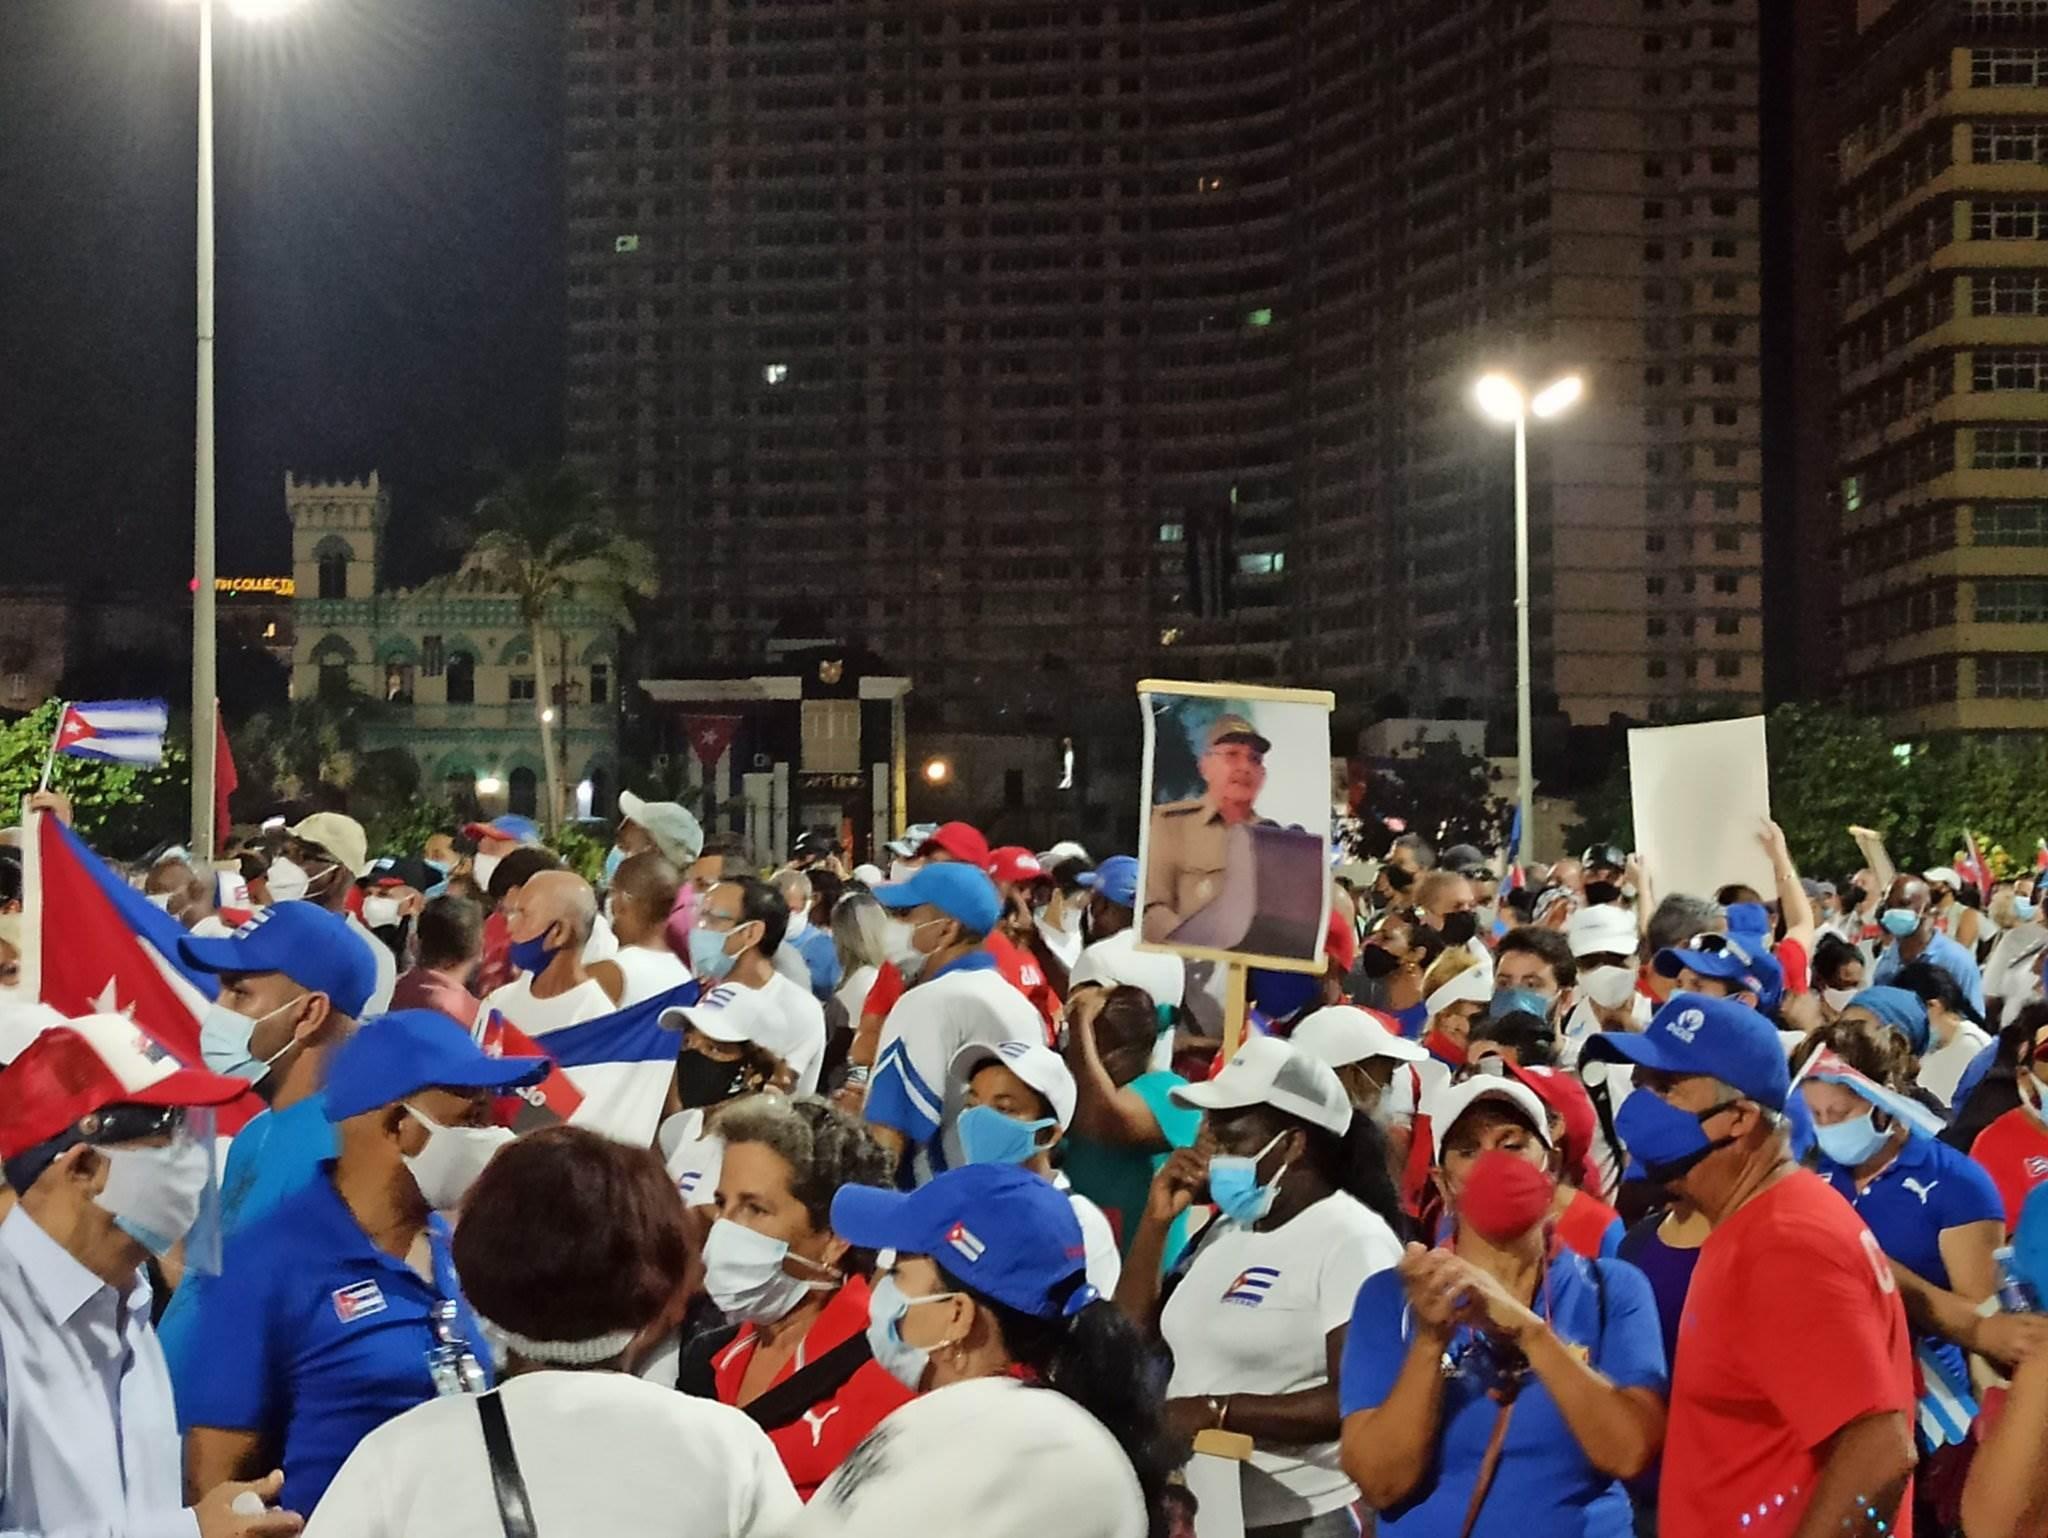 Concentraciones populares en apoyo al gobierno cubano. Foto: Oliver Zamora